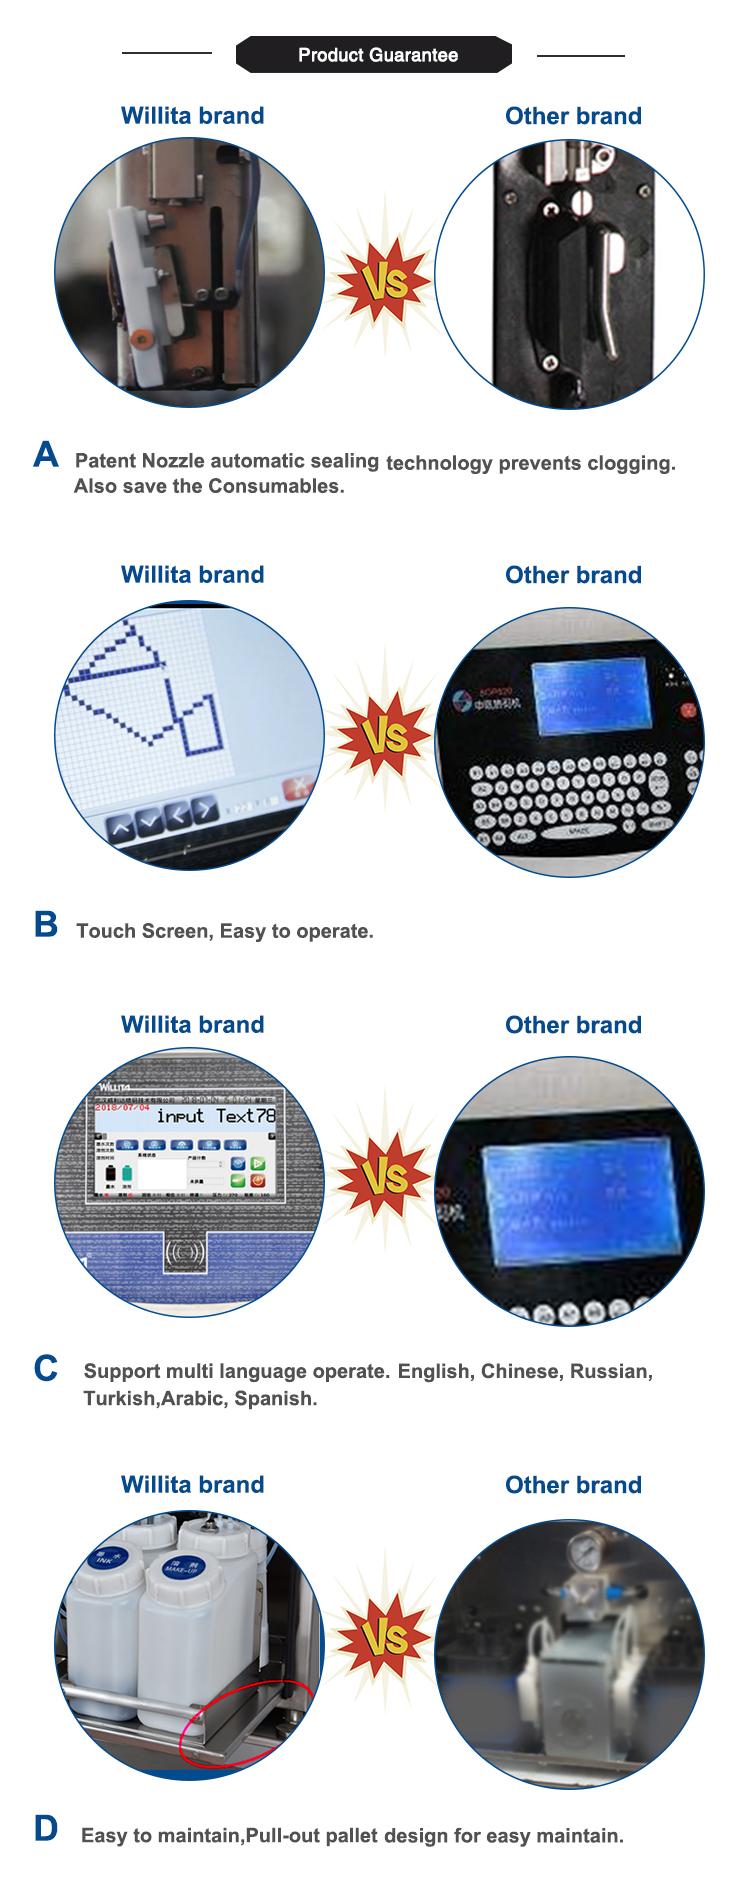 インクジェットプリンタ日付バッチコードマーキングマシン